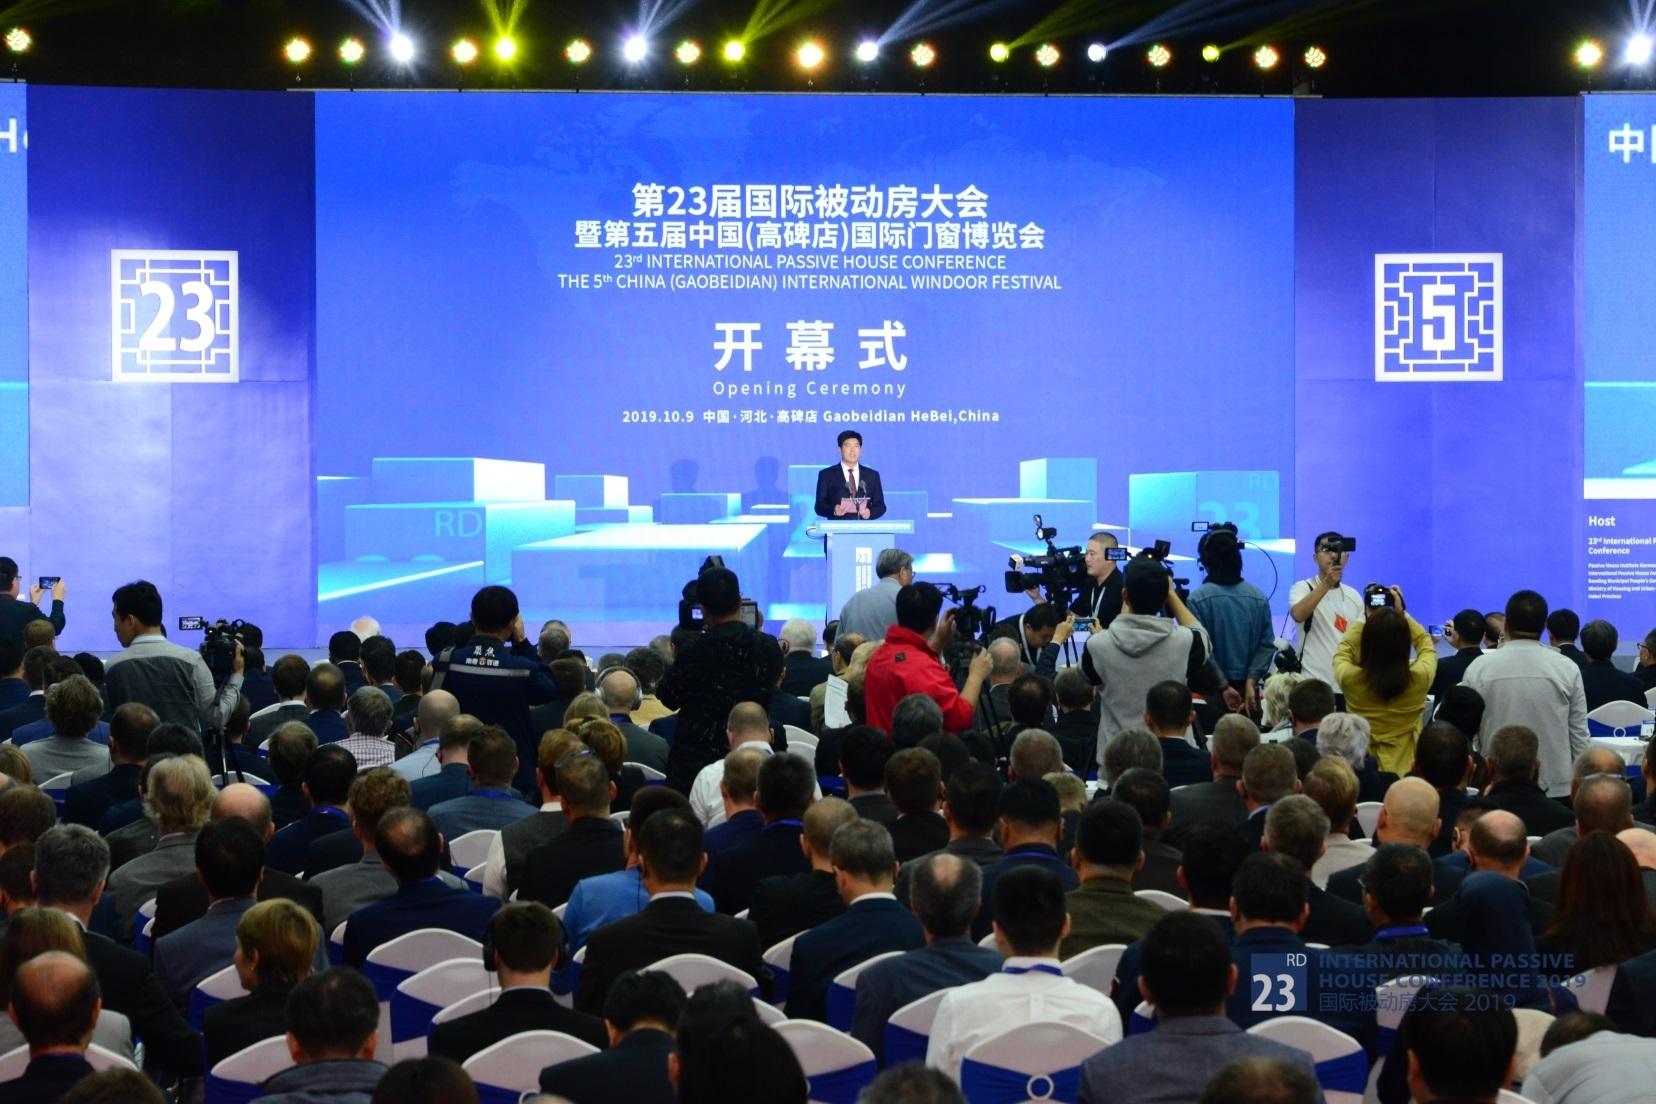 遍及全球 影响世界 第23届国际被动房首次走进中国